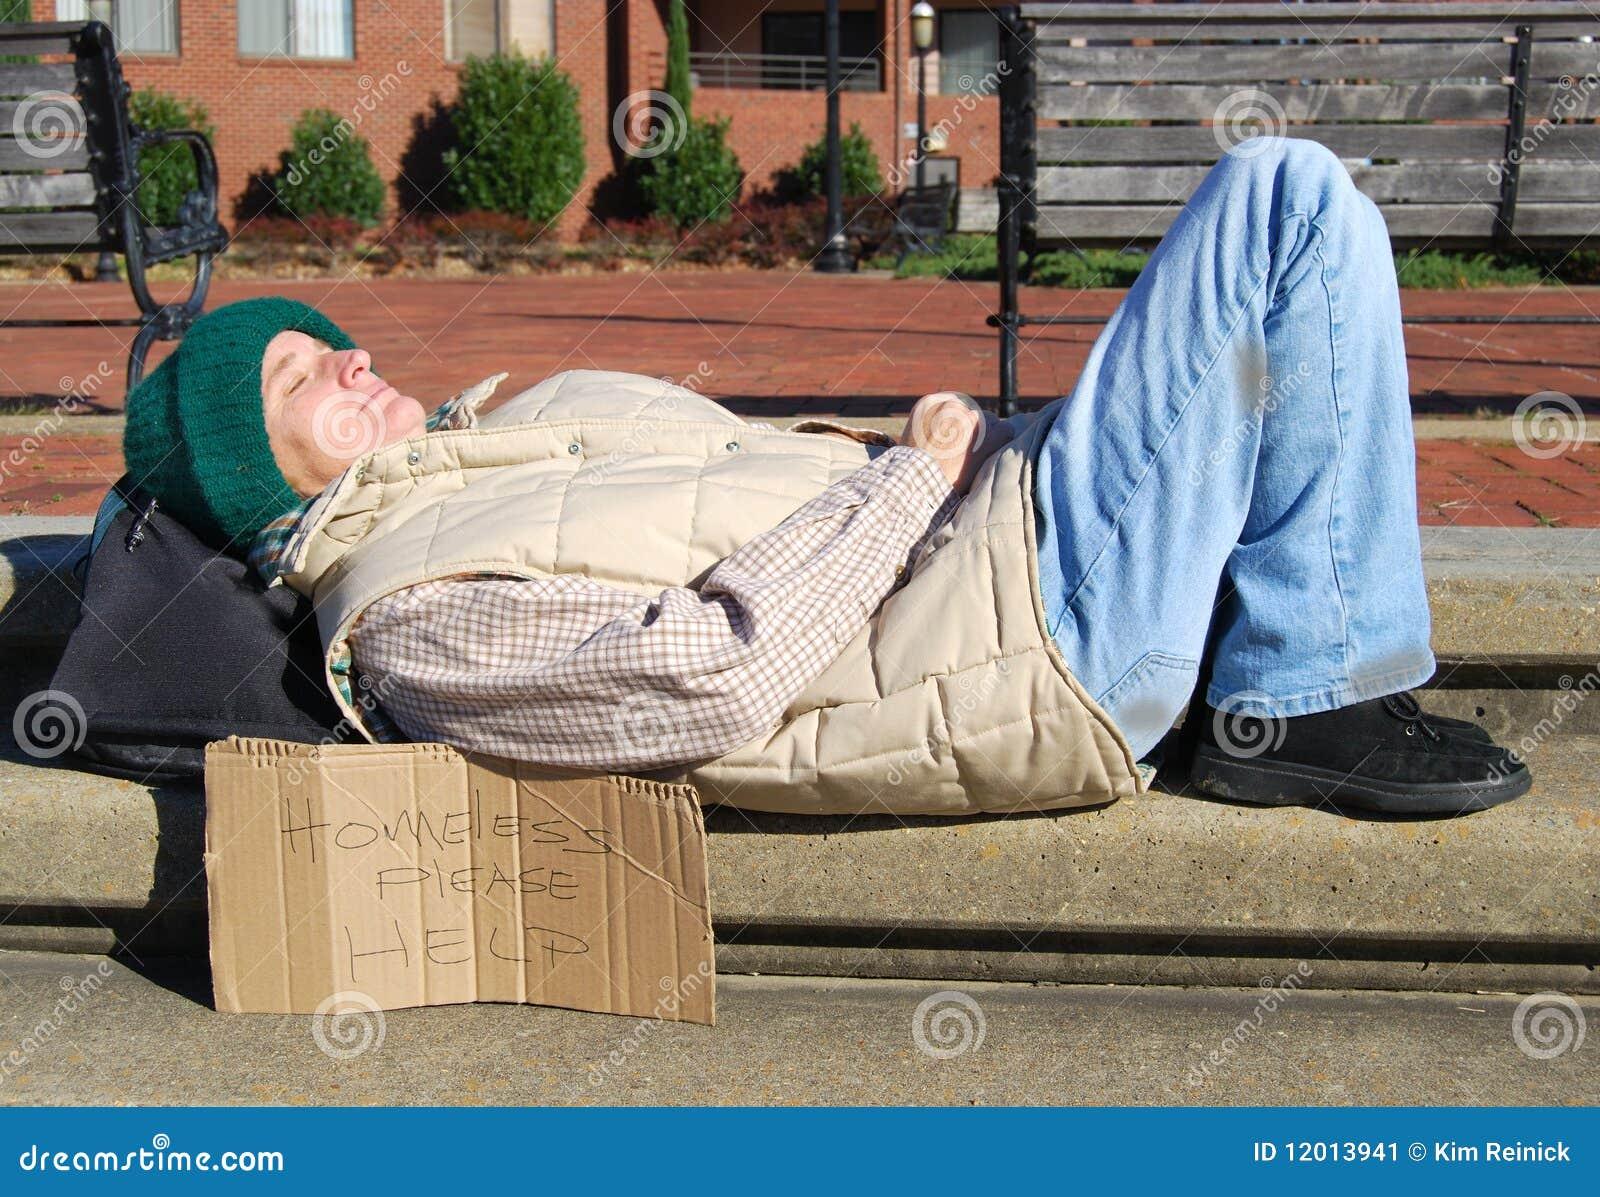 Homeless dating app